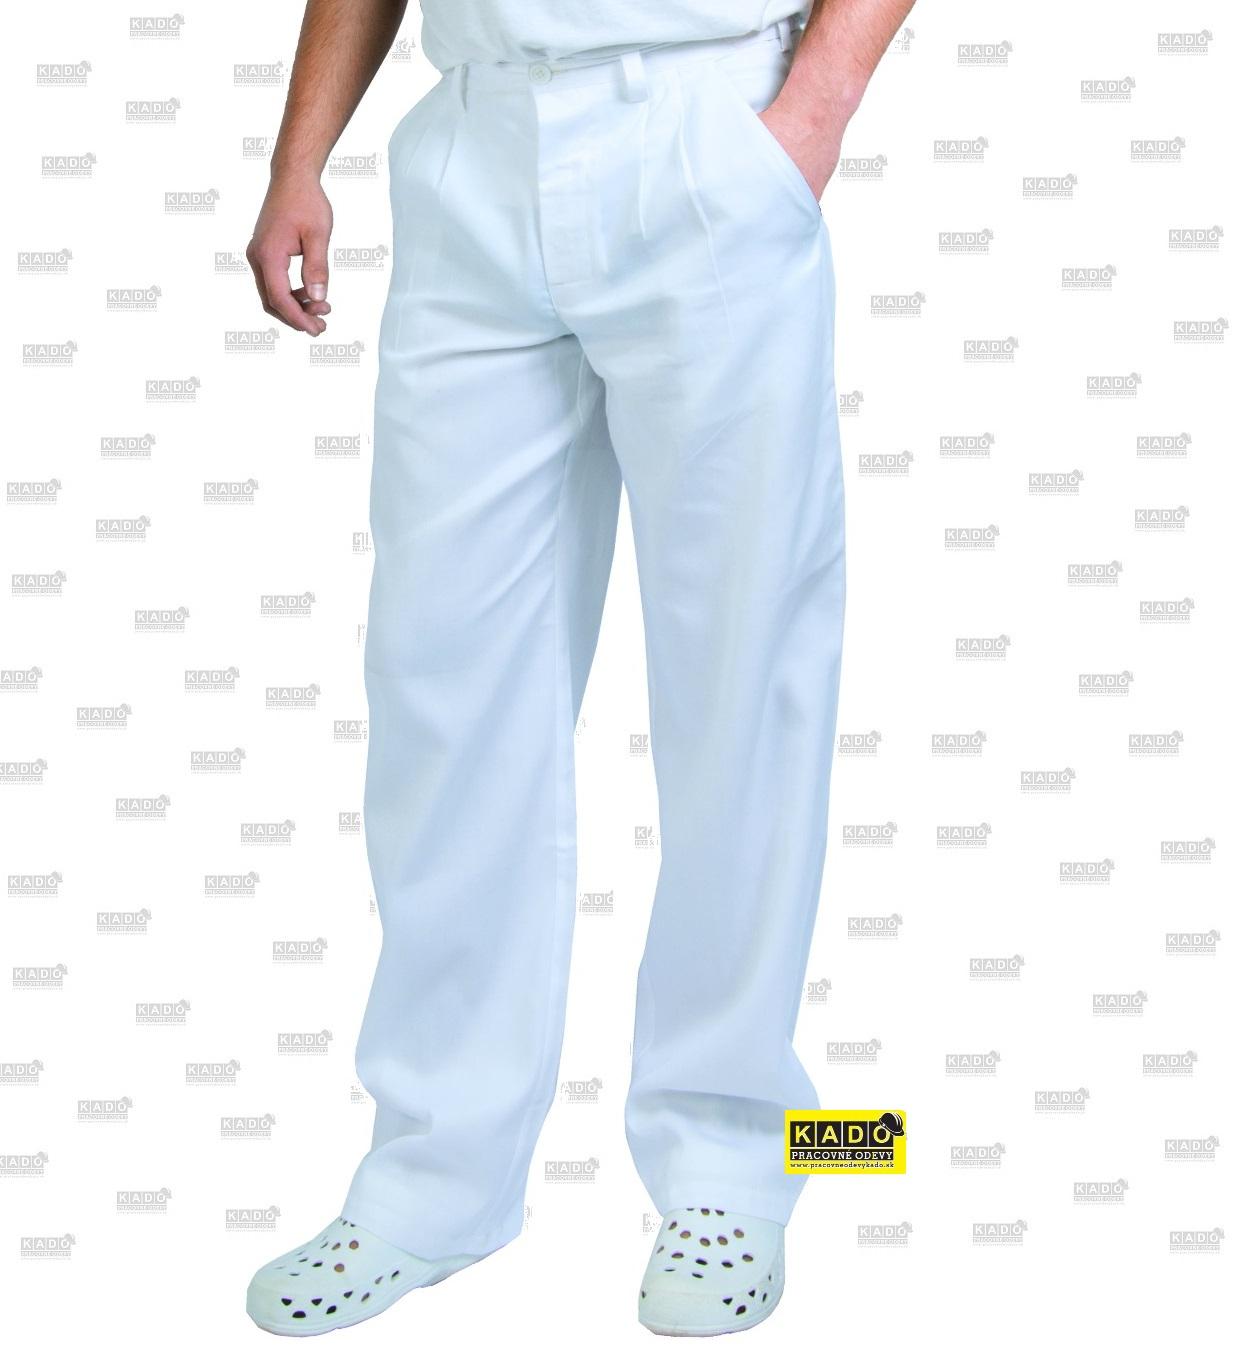 073bd72f6397 Pracovné odevy - Nohavice biele ARTUR CXS pánske